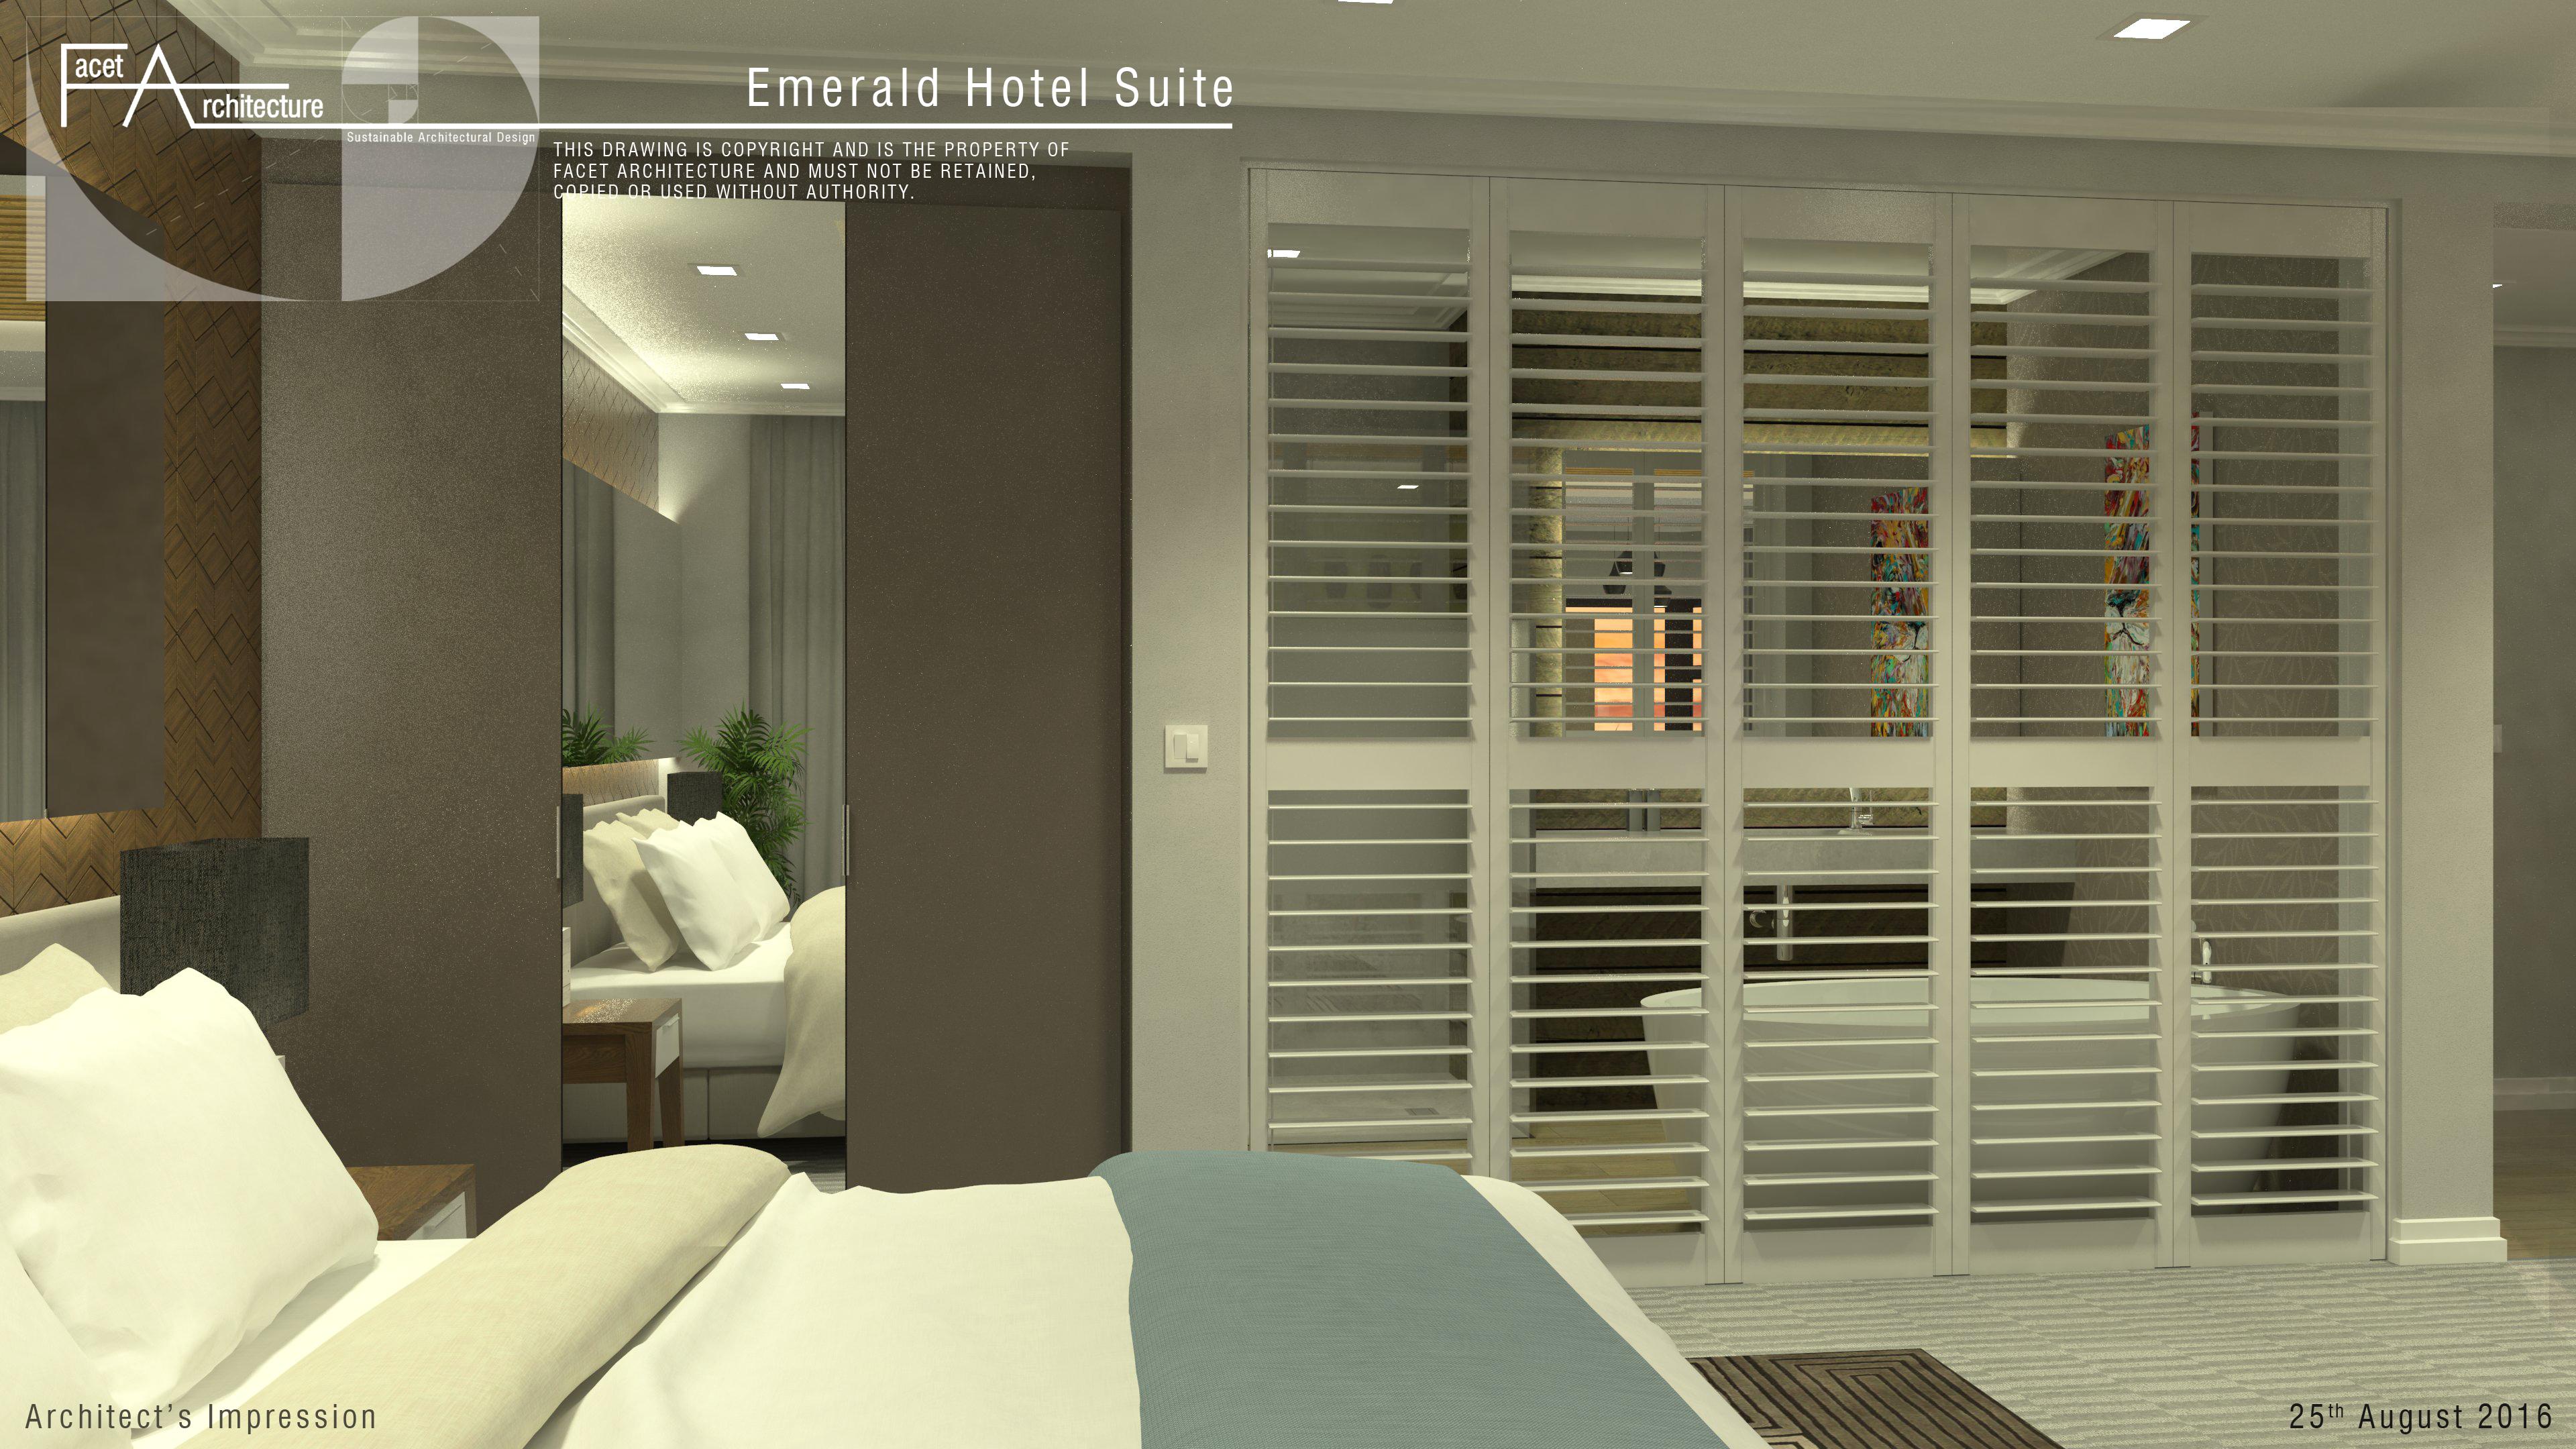 2016-08-25 FA15-24 Emerald Hotel Suite A Render 4